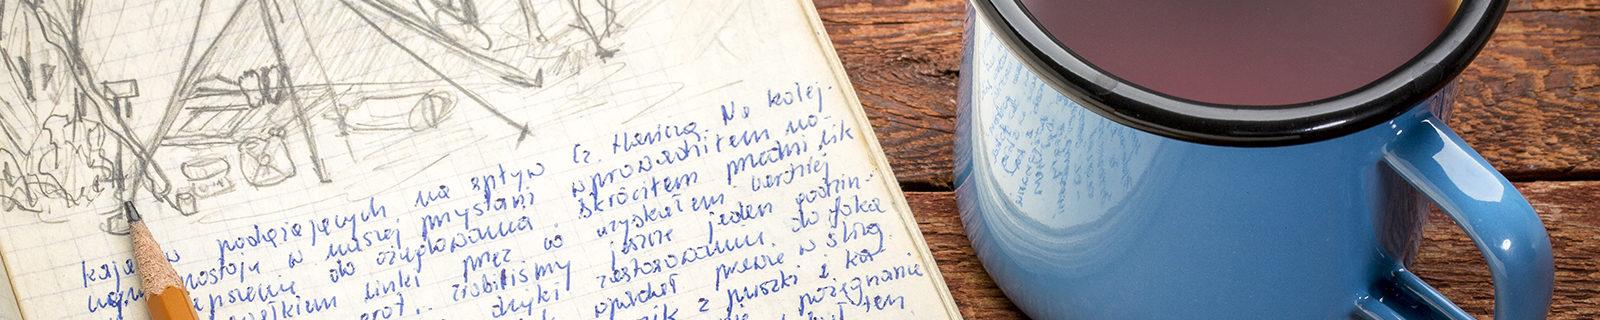 Writing journal and coffee mug